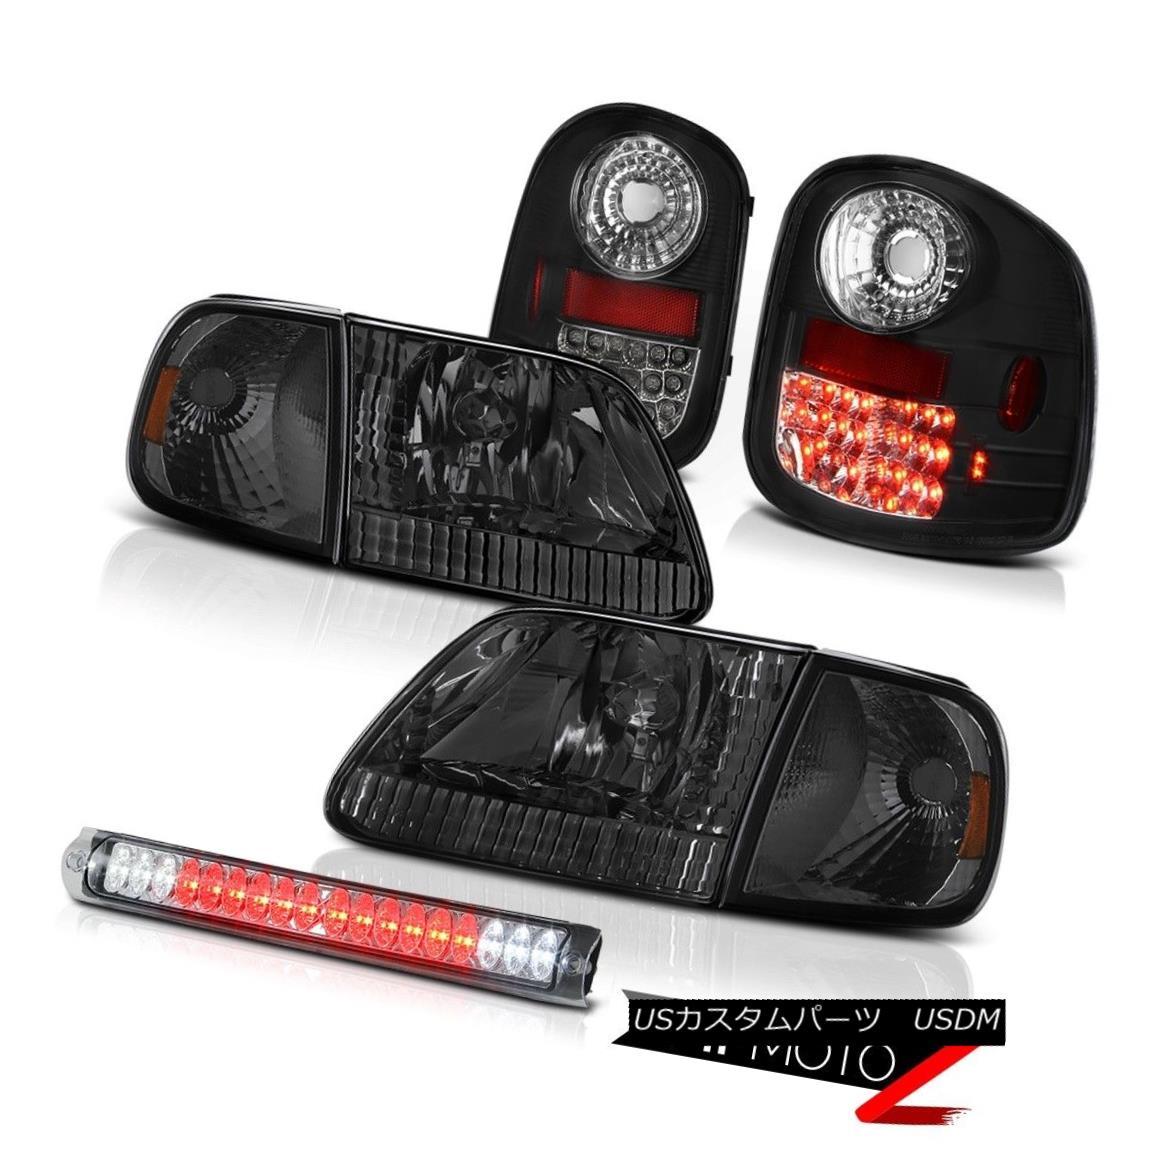 テールライト Tint Headlights LED Bulbs Tail Lights Third Brake 1997-2003 F150 Flareside 4.6L ティントヘッドライトLED電球テールライト第3ブレーキ1997-2003 F150 Flareside 4.6L